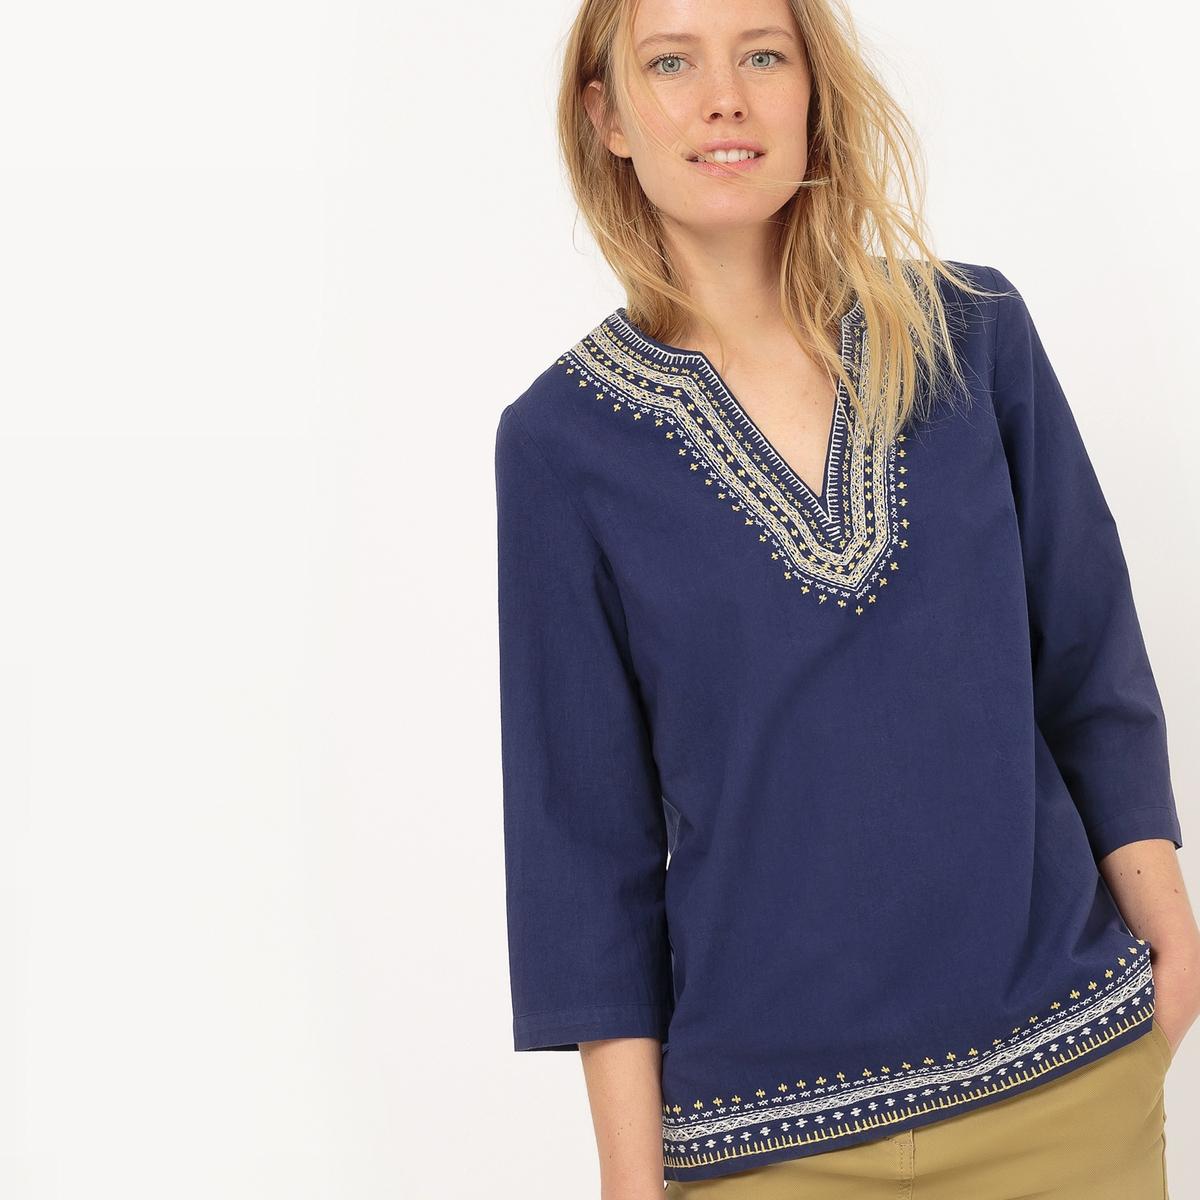 Блузка с тунисским воротом с вышивкой и рукавами 3/4 от atelier R